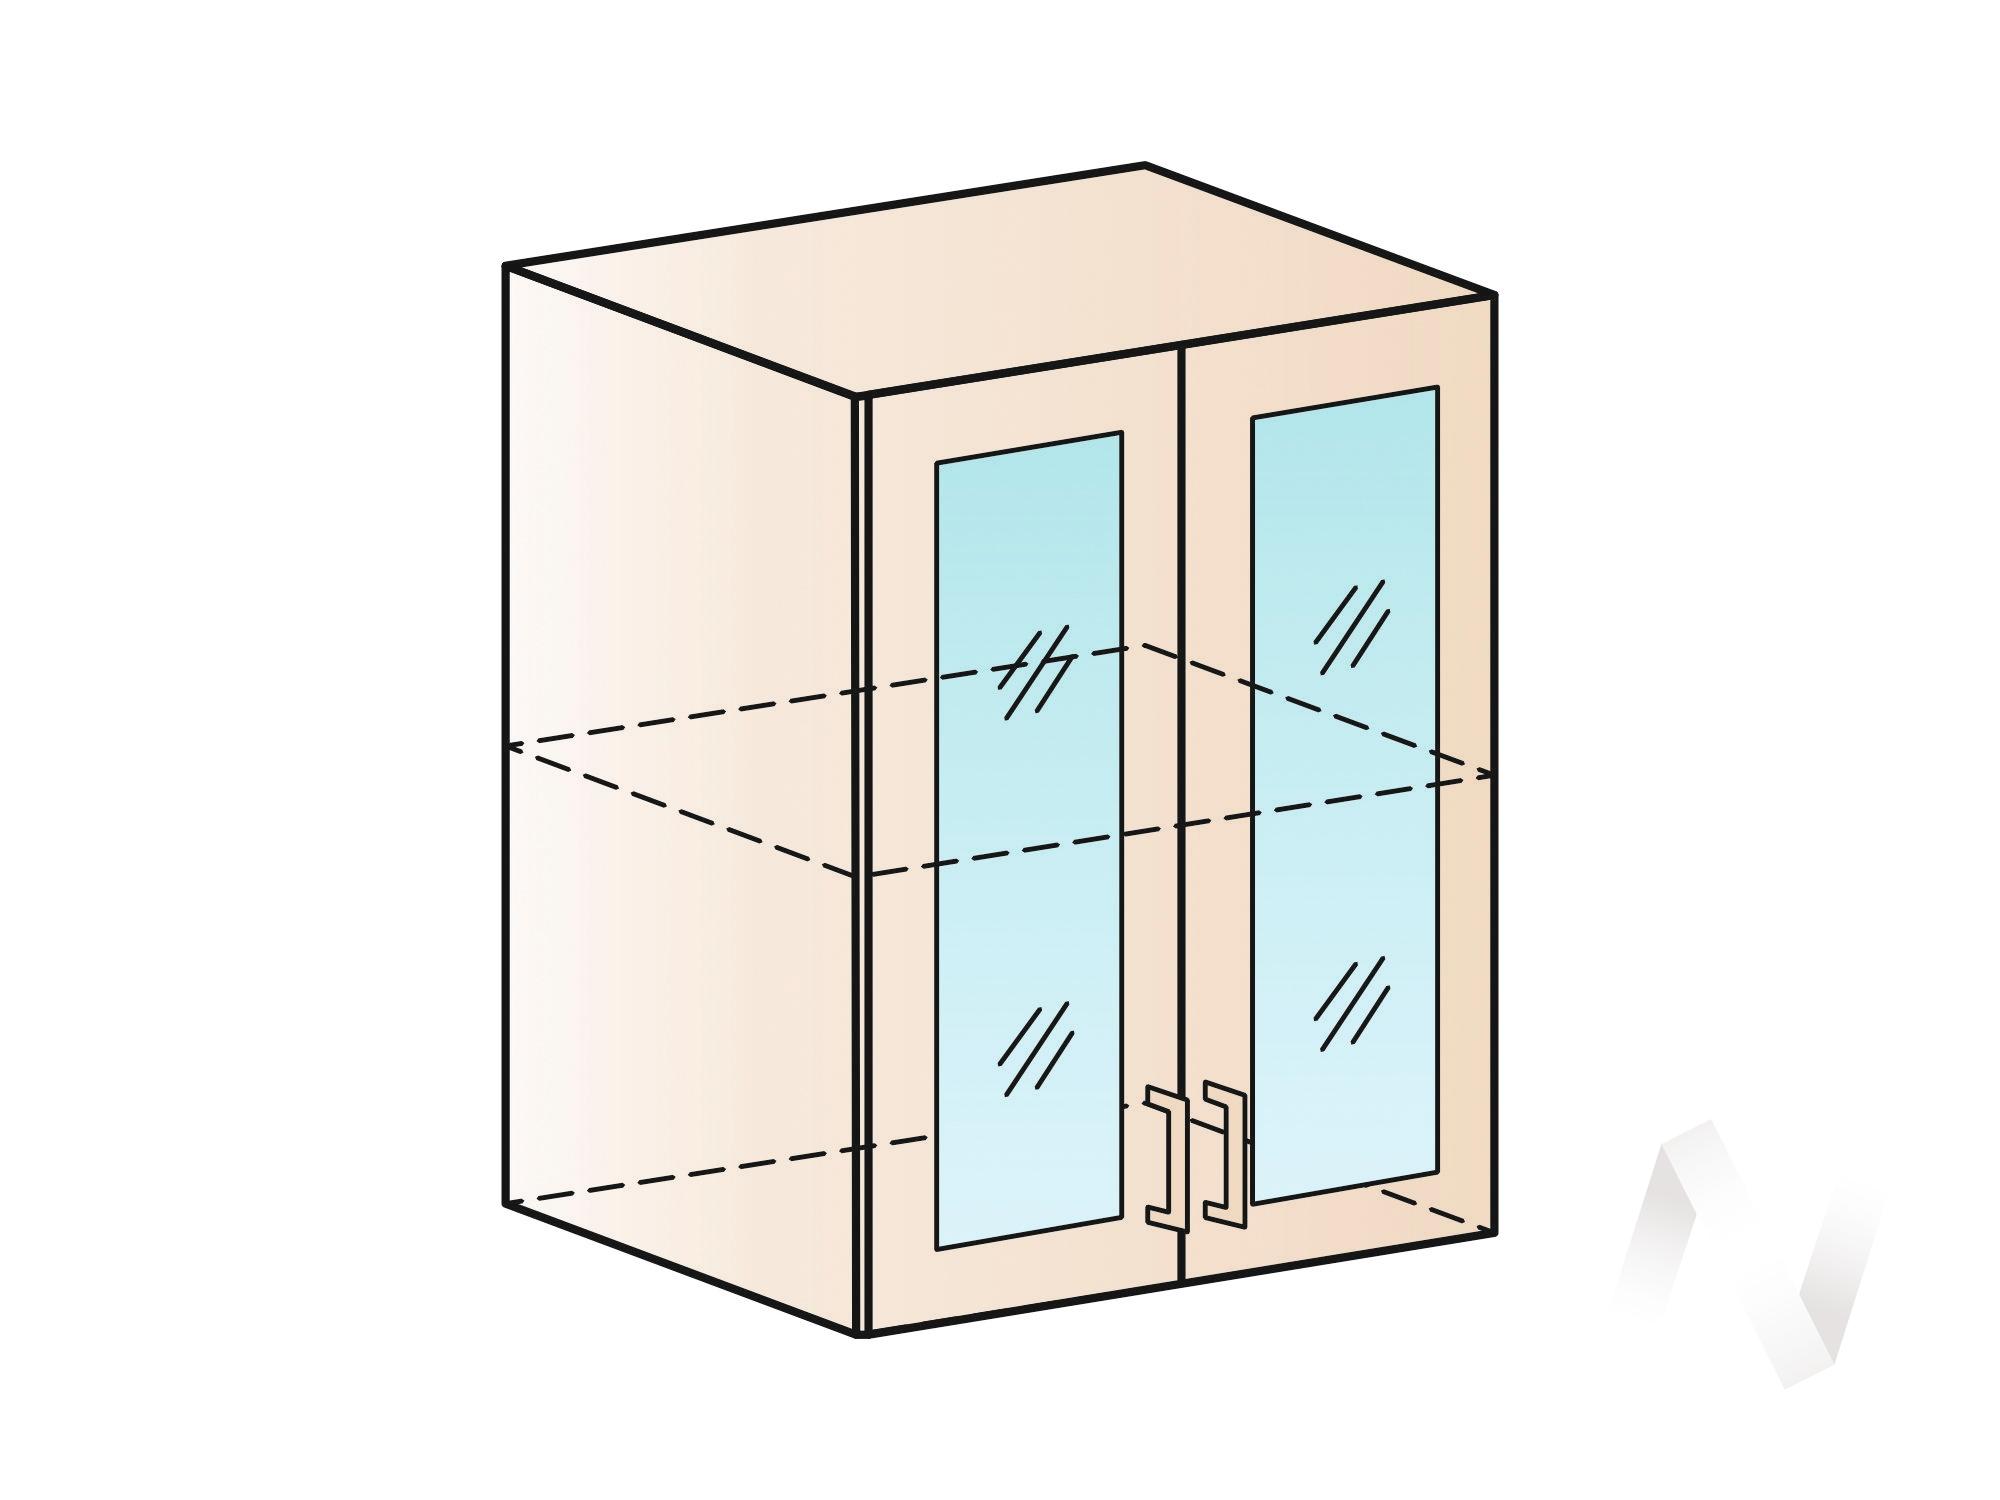 """Кухня """"Люкс"""": Шкаф верхний со стеклом 600, ШВС 600 (Шоколад матовый/корпус венге) в Новосибирске в интернет-магазине мебели kuhnya54.ru"""